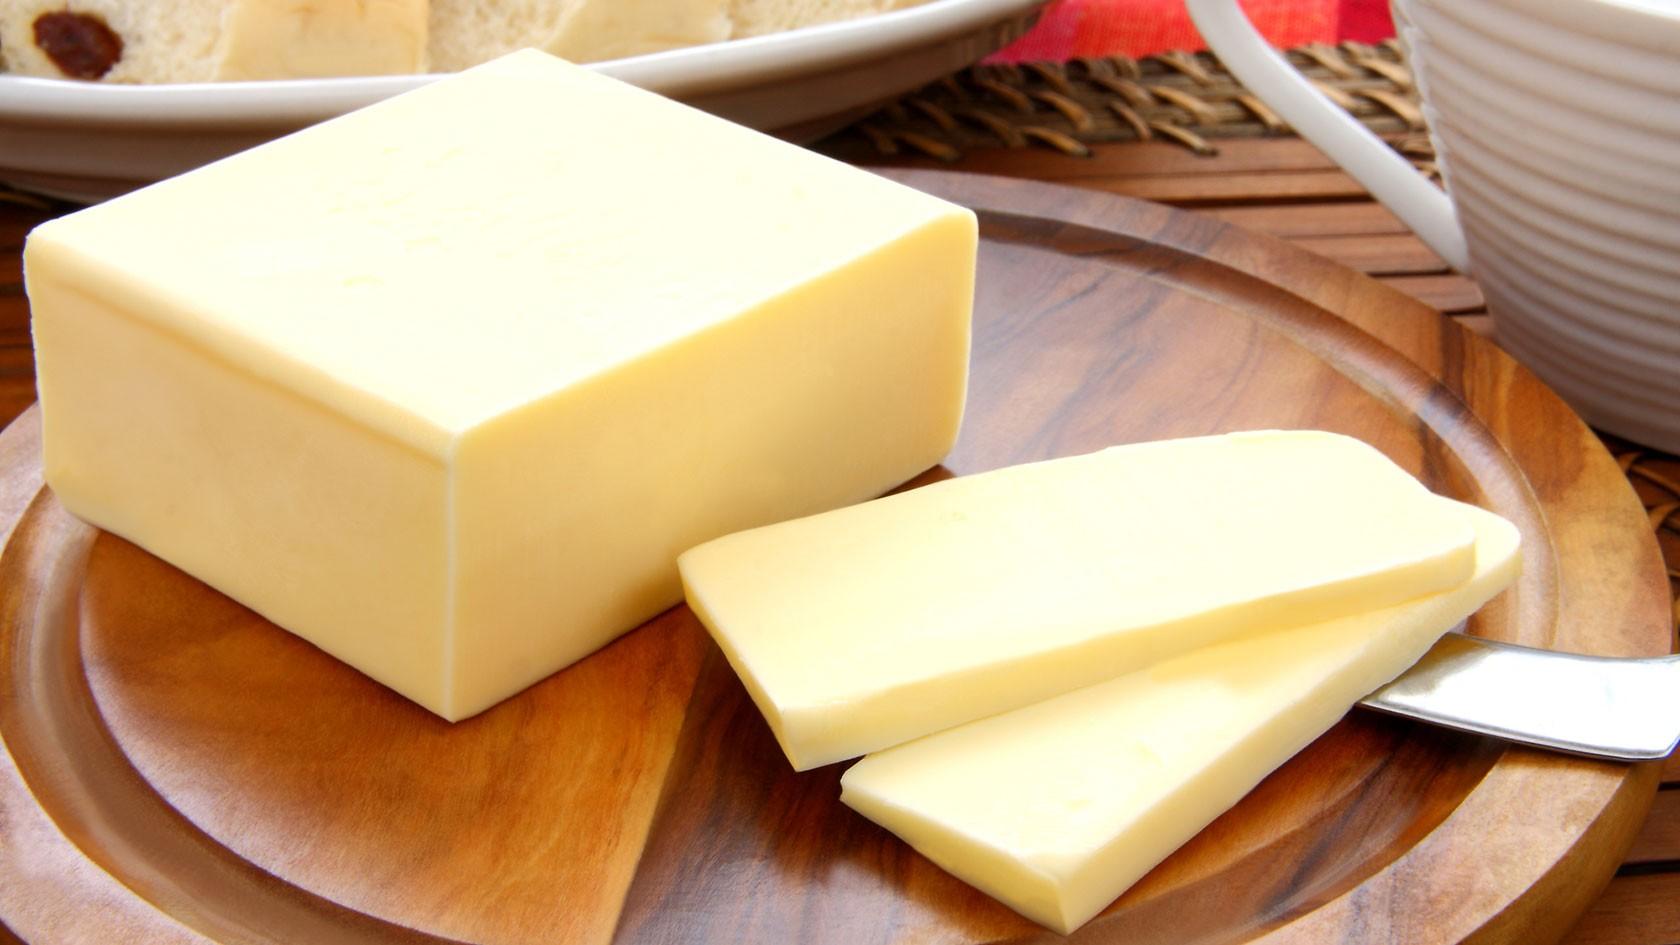 発酵バター」って、普通のバター...